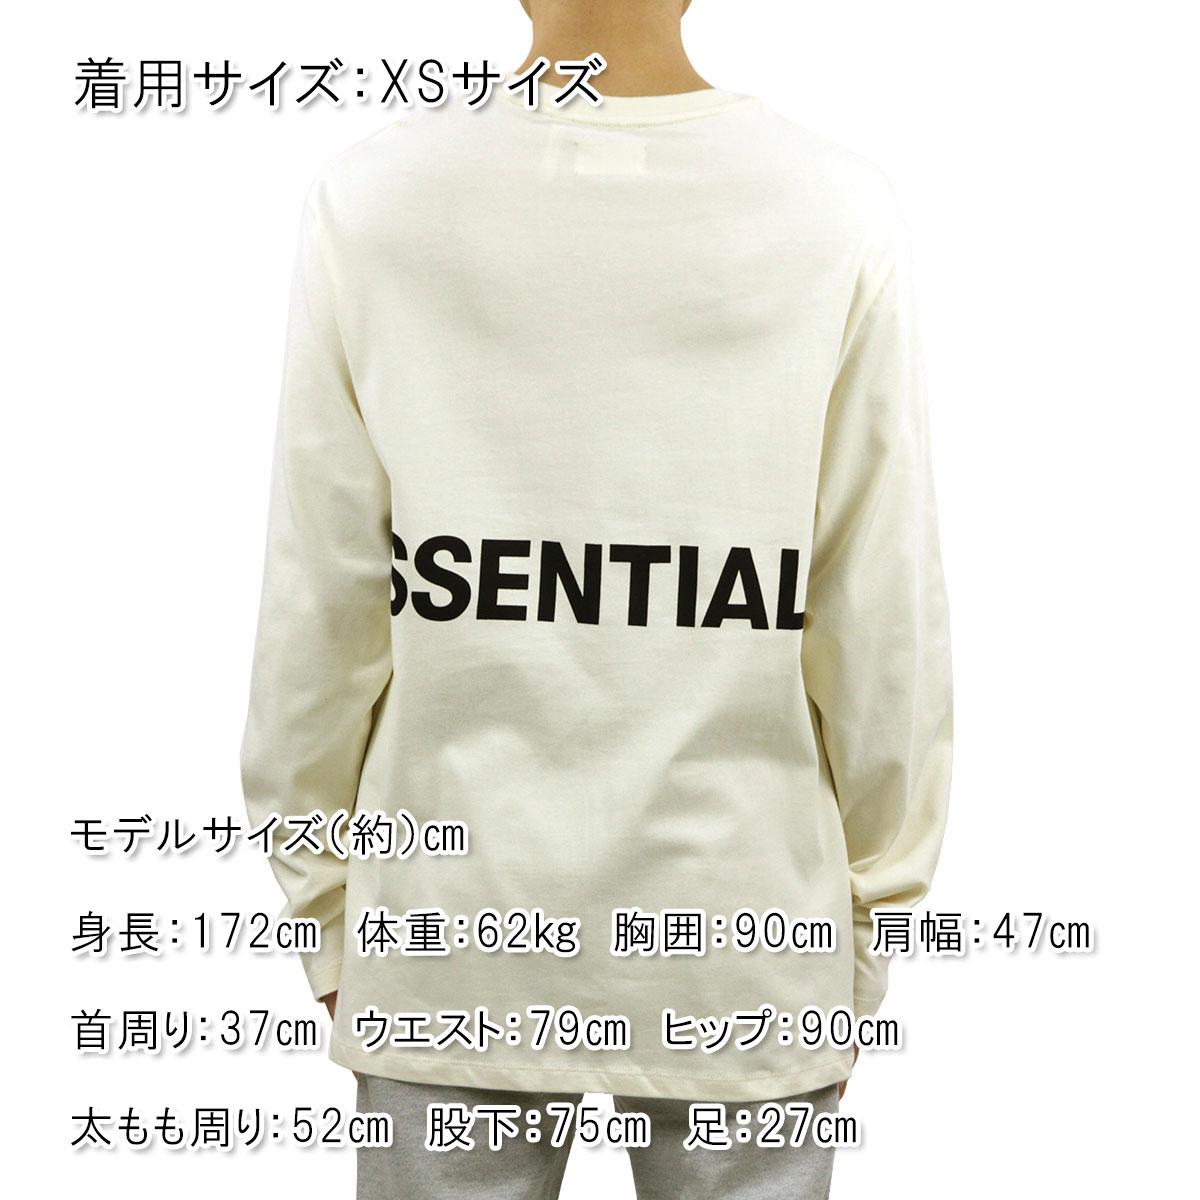 フィアオブゴッド ロンT メンズ 正規品 FEAR OF GOD 長袖Tシャツ FOG - FEAR OF GOD ESSENTIALS BOXY GRAPHIC LONG SLEEVE T-SHIRT CREAM